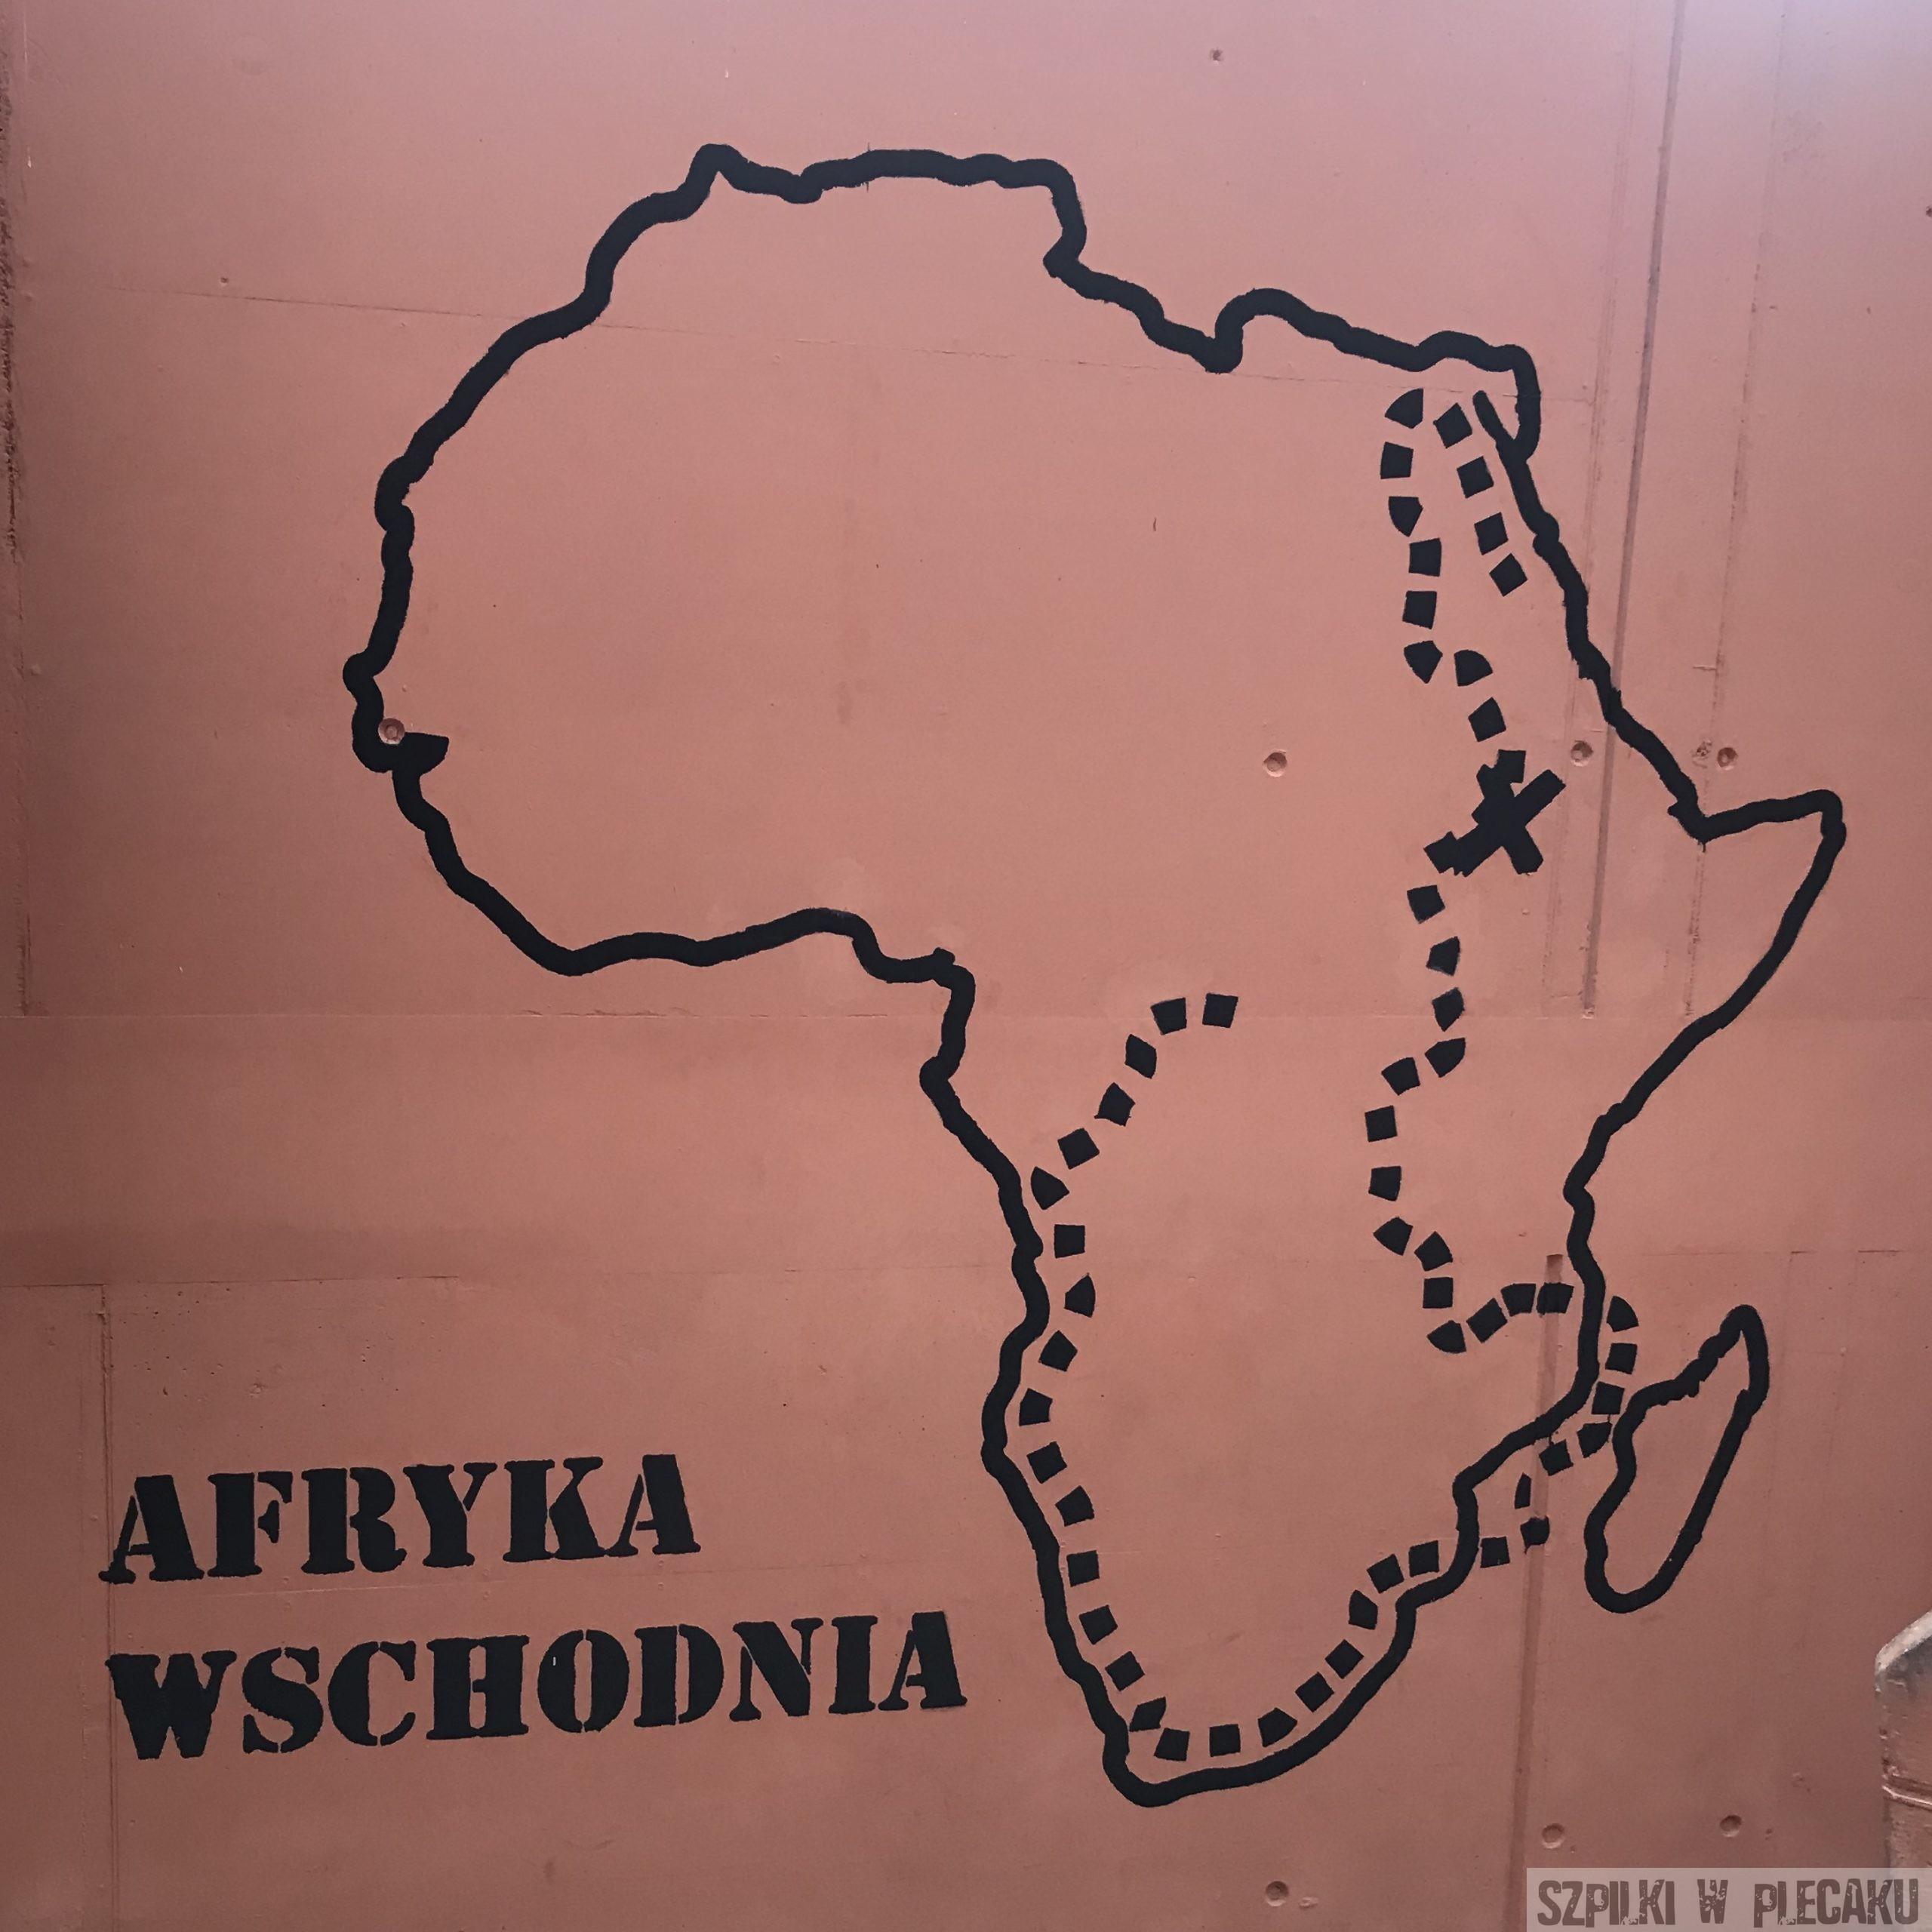 Afrykarium - trasa zwiedzania